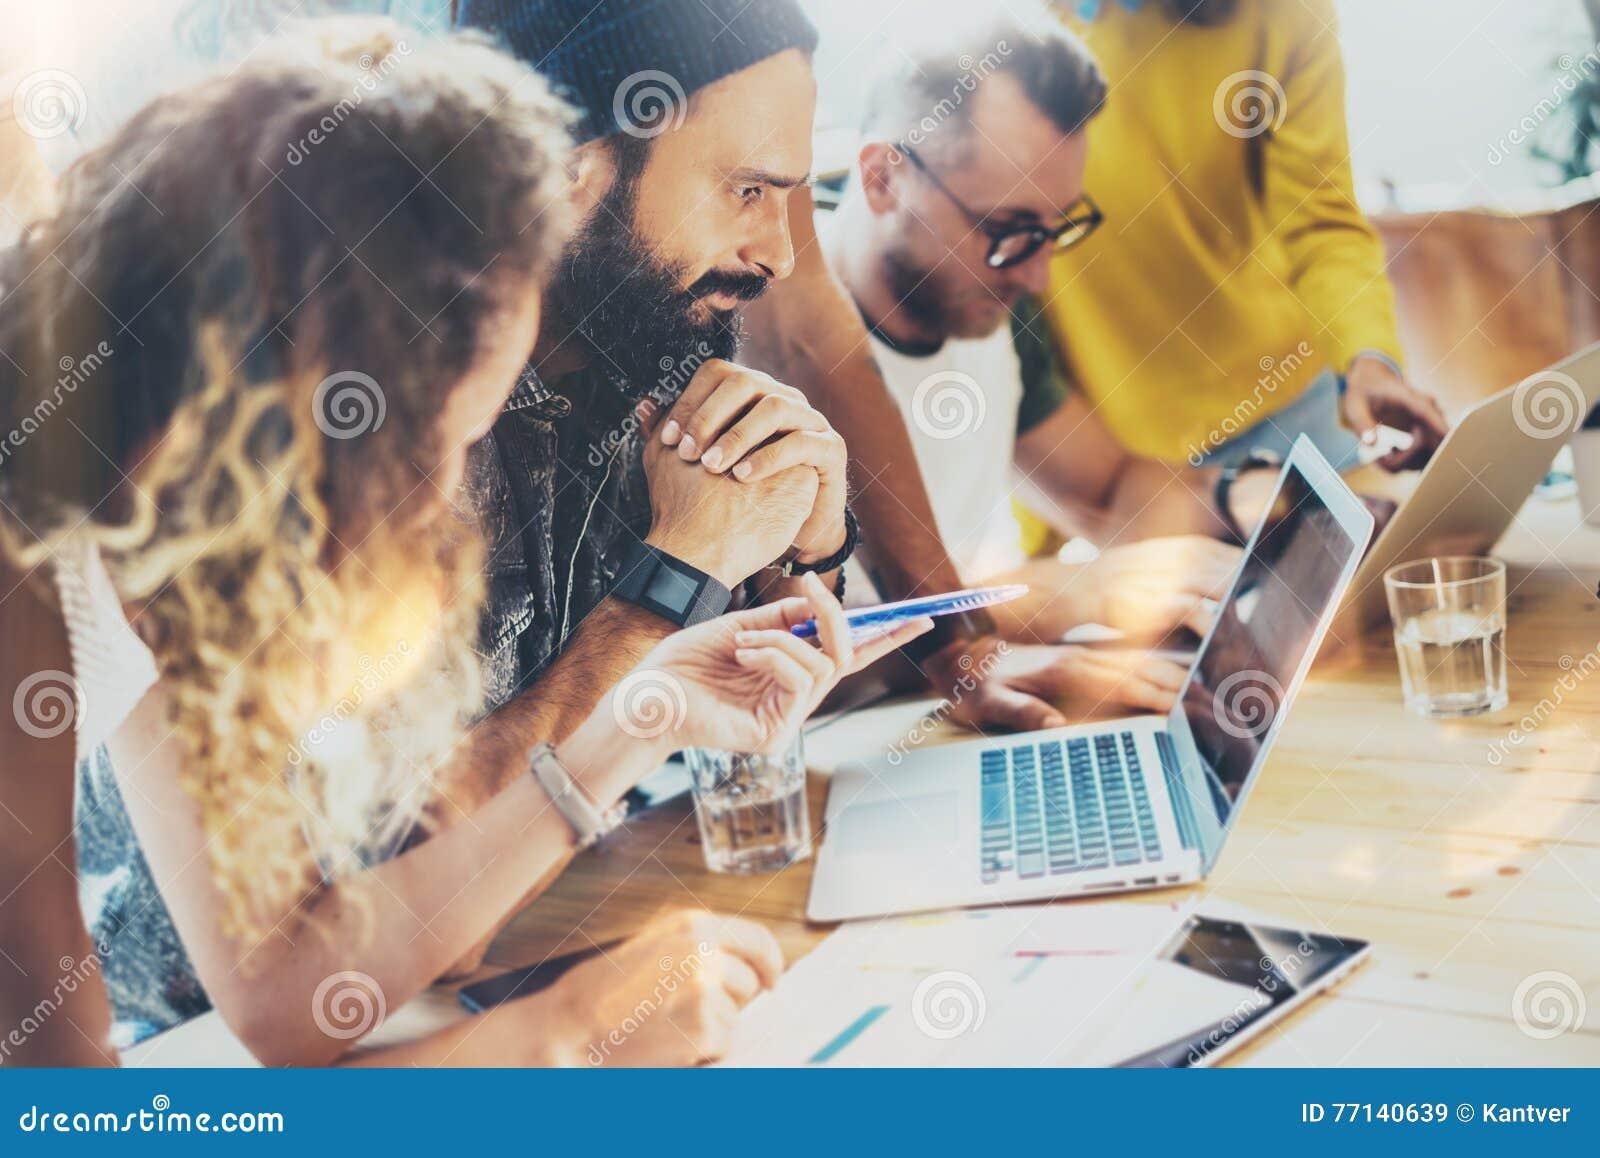 Modernt ungt samlat affärsfolk för grupp diskutera tillsammans idérikt projekt Diskussion för Coworkerskläckning av ideermöte